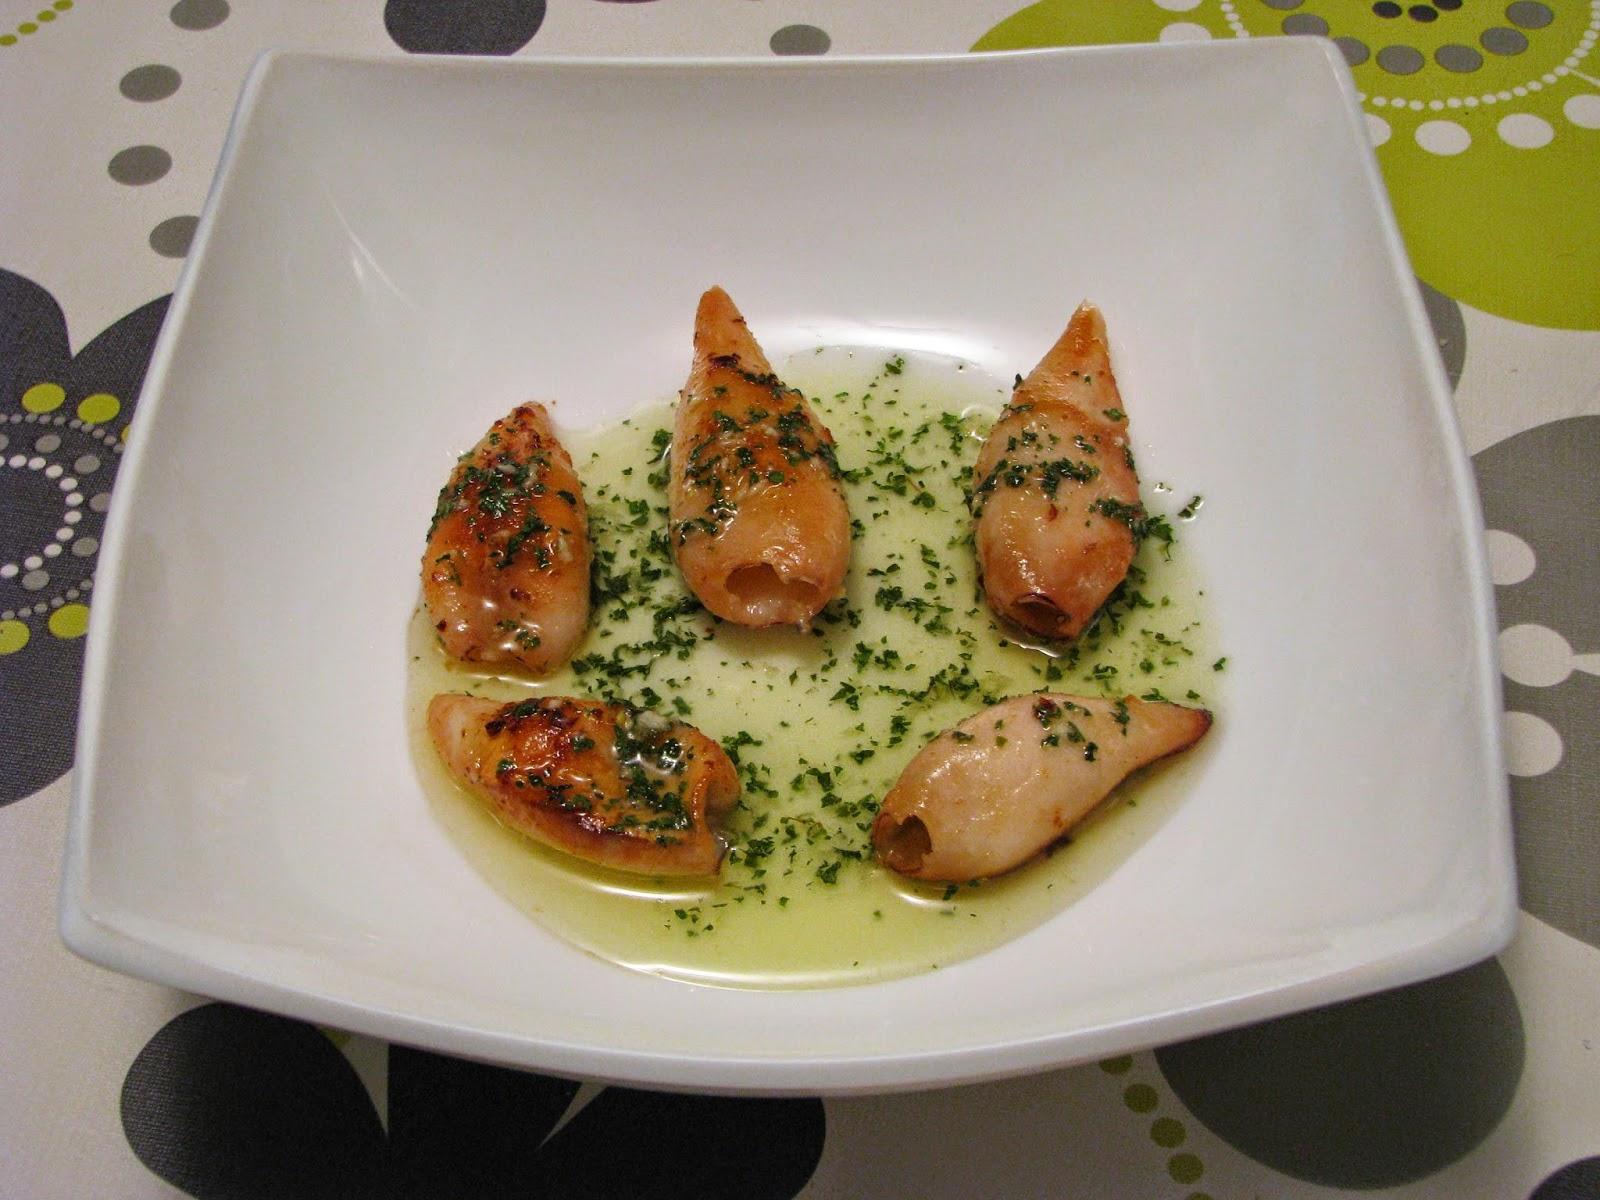 Recetas para cocinillas chipirones a la plancha con salsa verde - Chipiron a la plancha ...